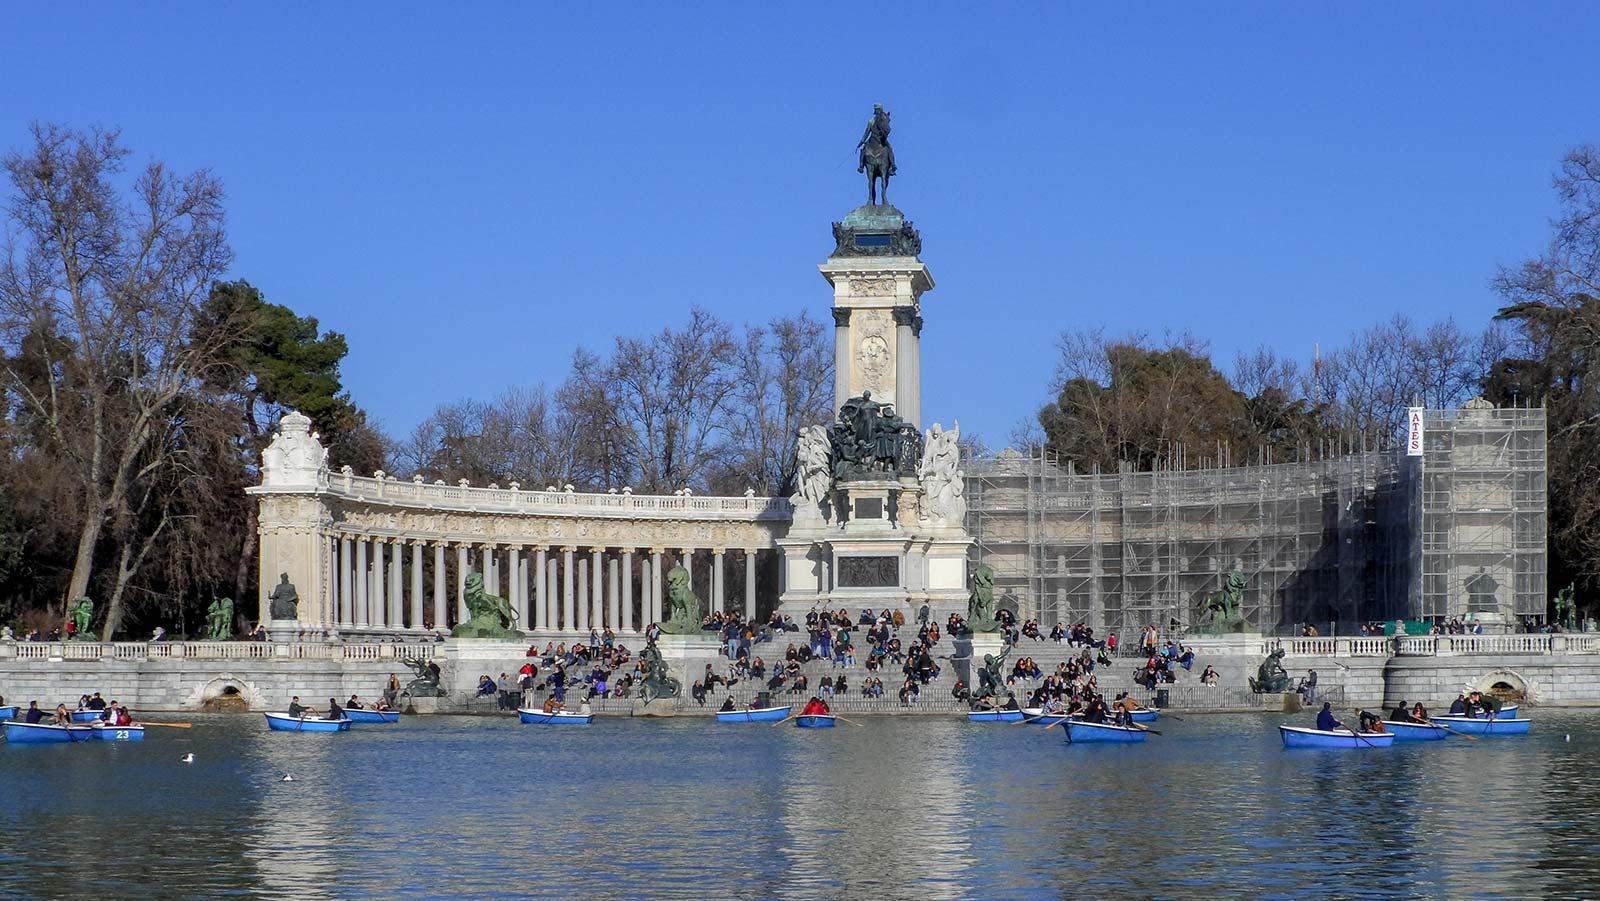 Monumento a Alfonso XII de España im Parque del Retiro ist eine der beliebtesten Sehenswürdigkeiten in Madrid